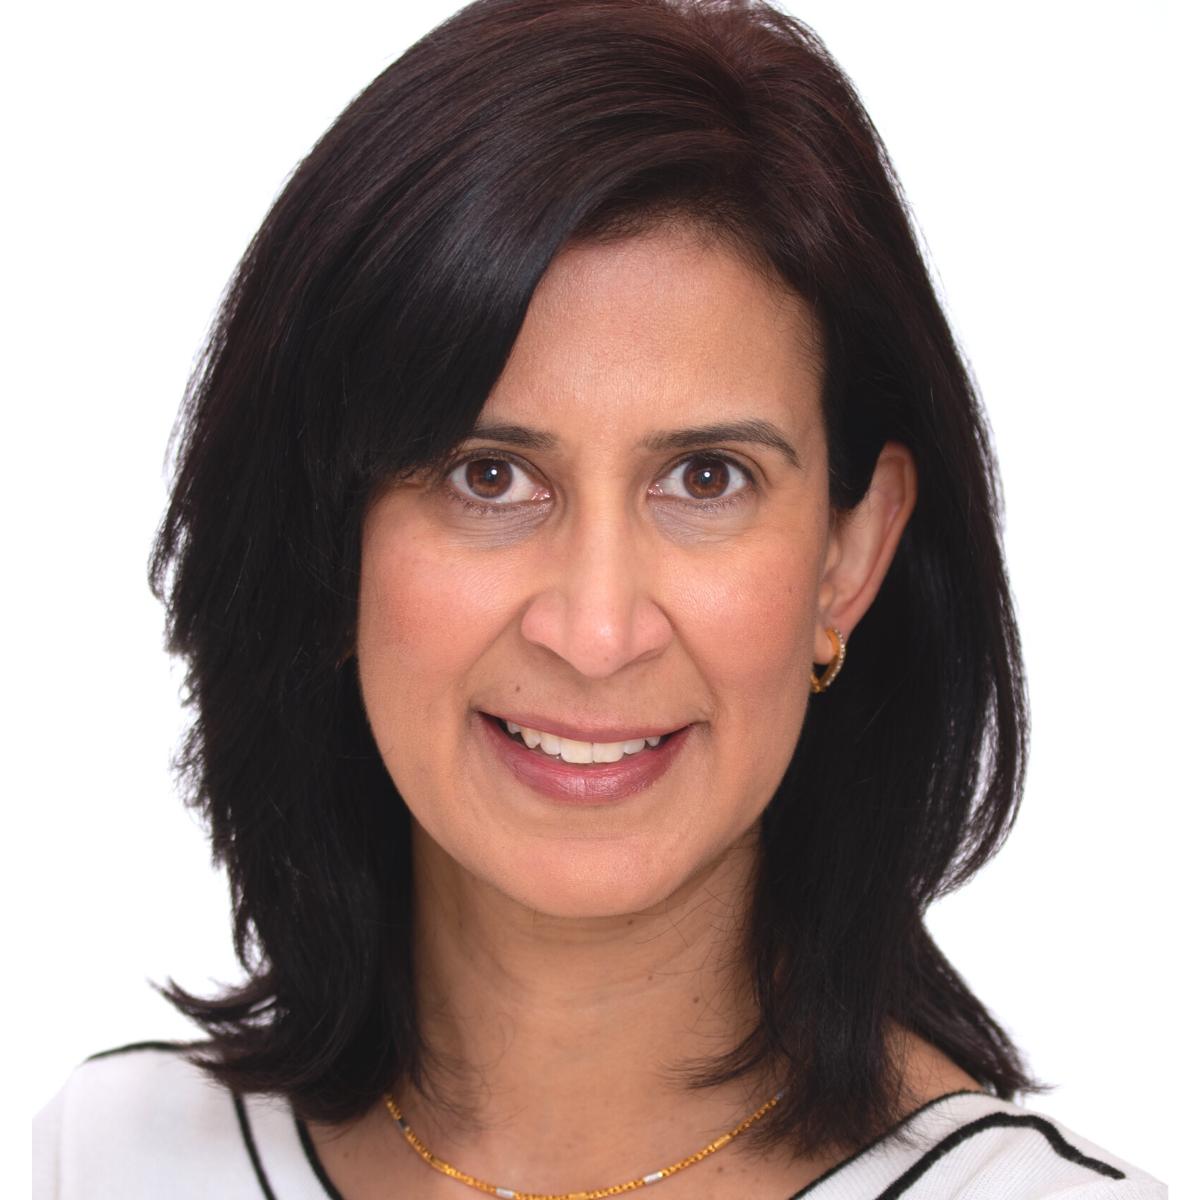 Nimira Dhalwani